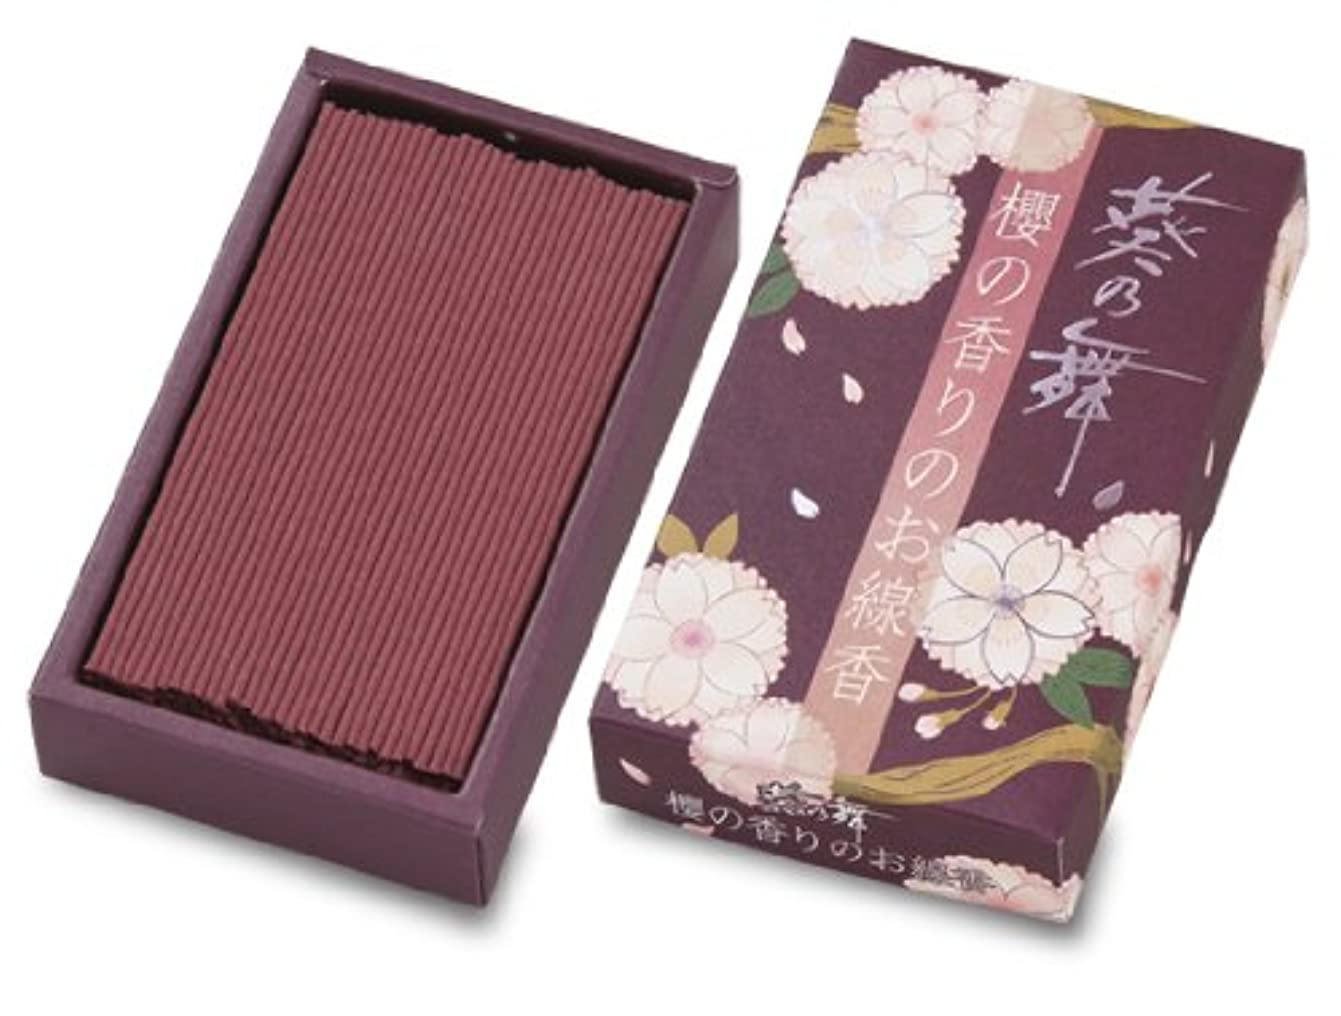 甘くする膿瘍ネコ葵乃舞 櫻の香りのお線香 各約130g